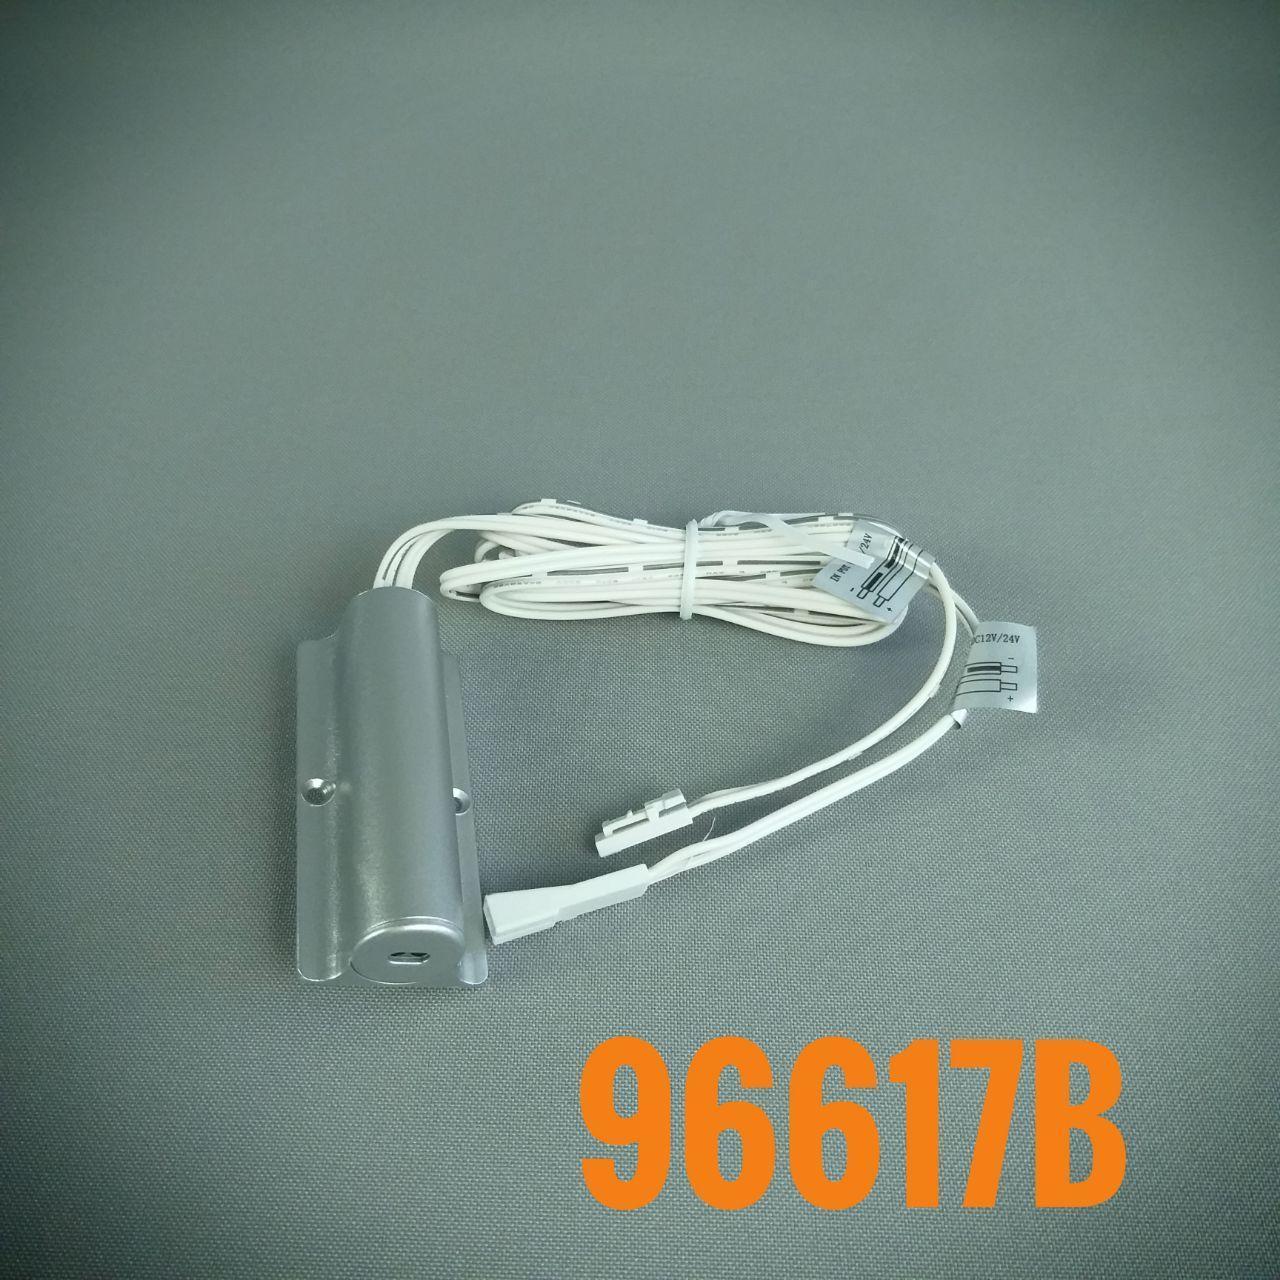 Сенсорный выключатель на движение L 96617B-SG